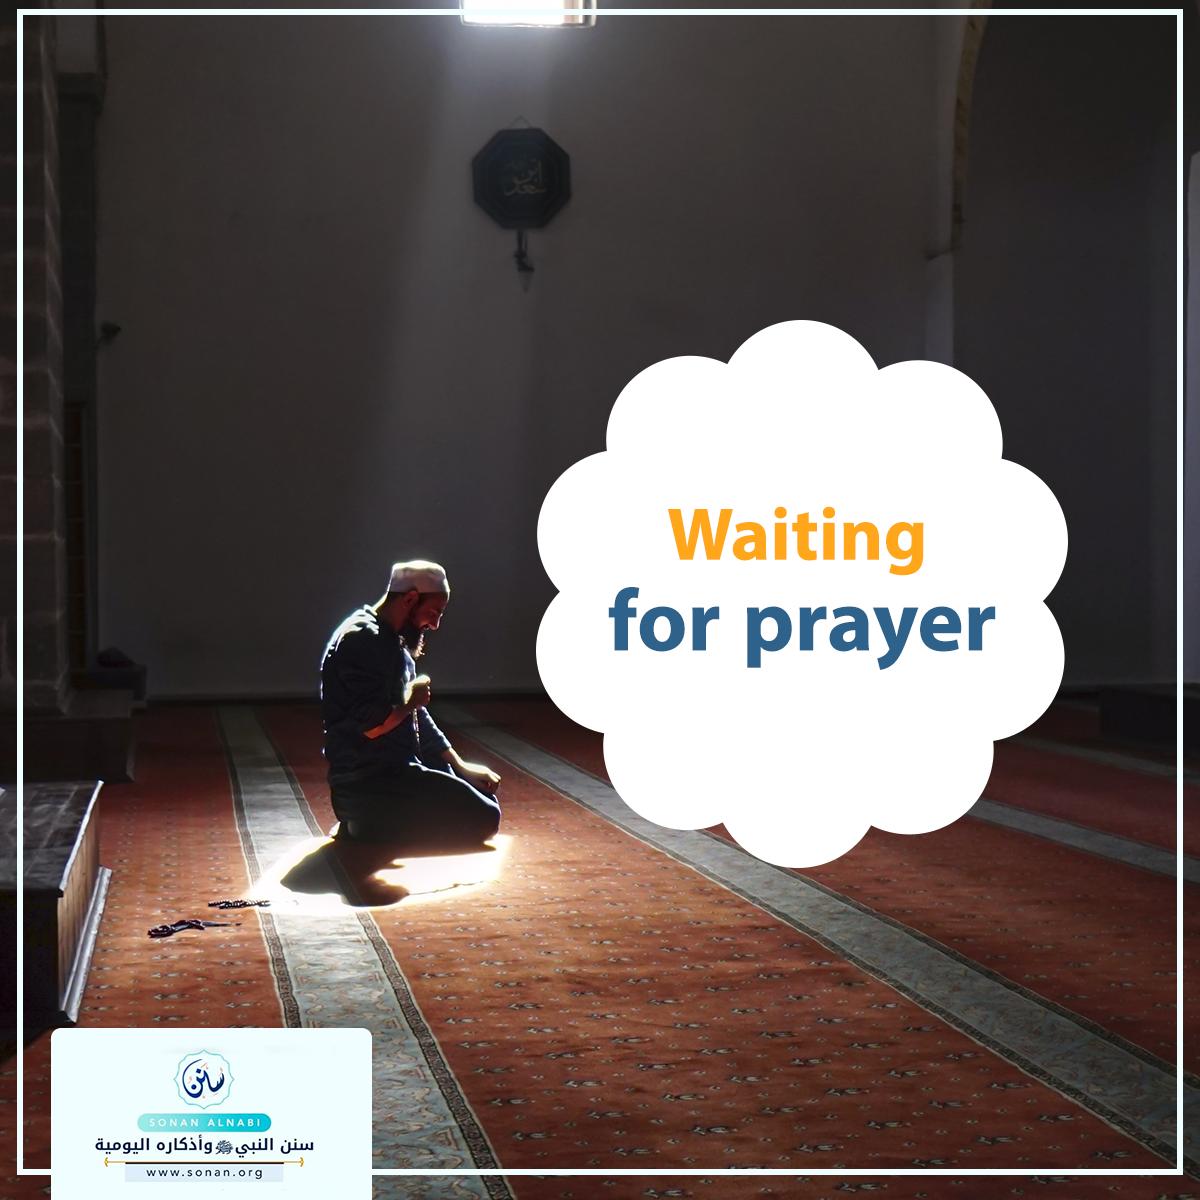 Waiting for prayer.